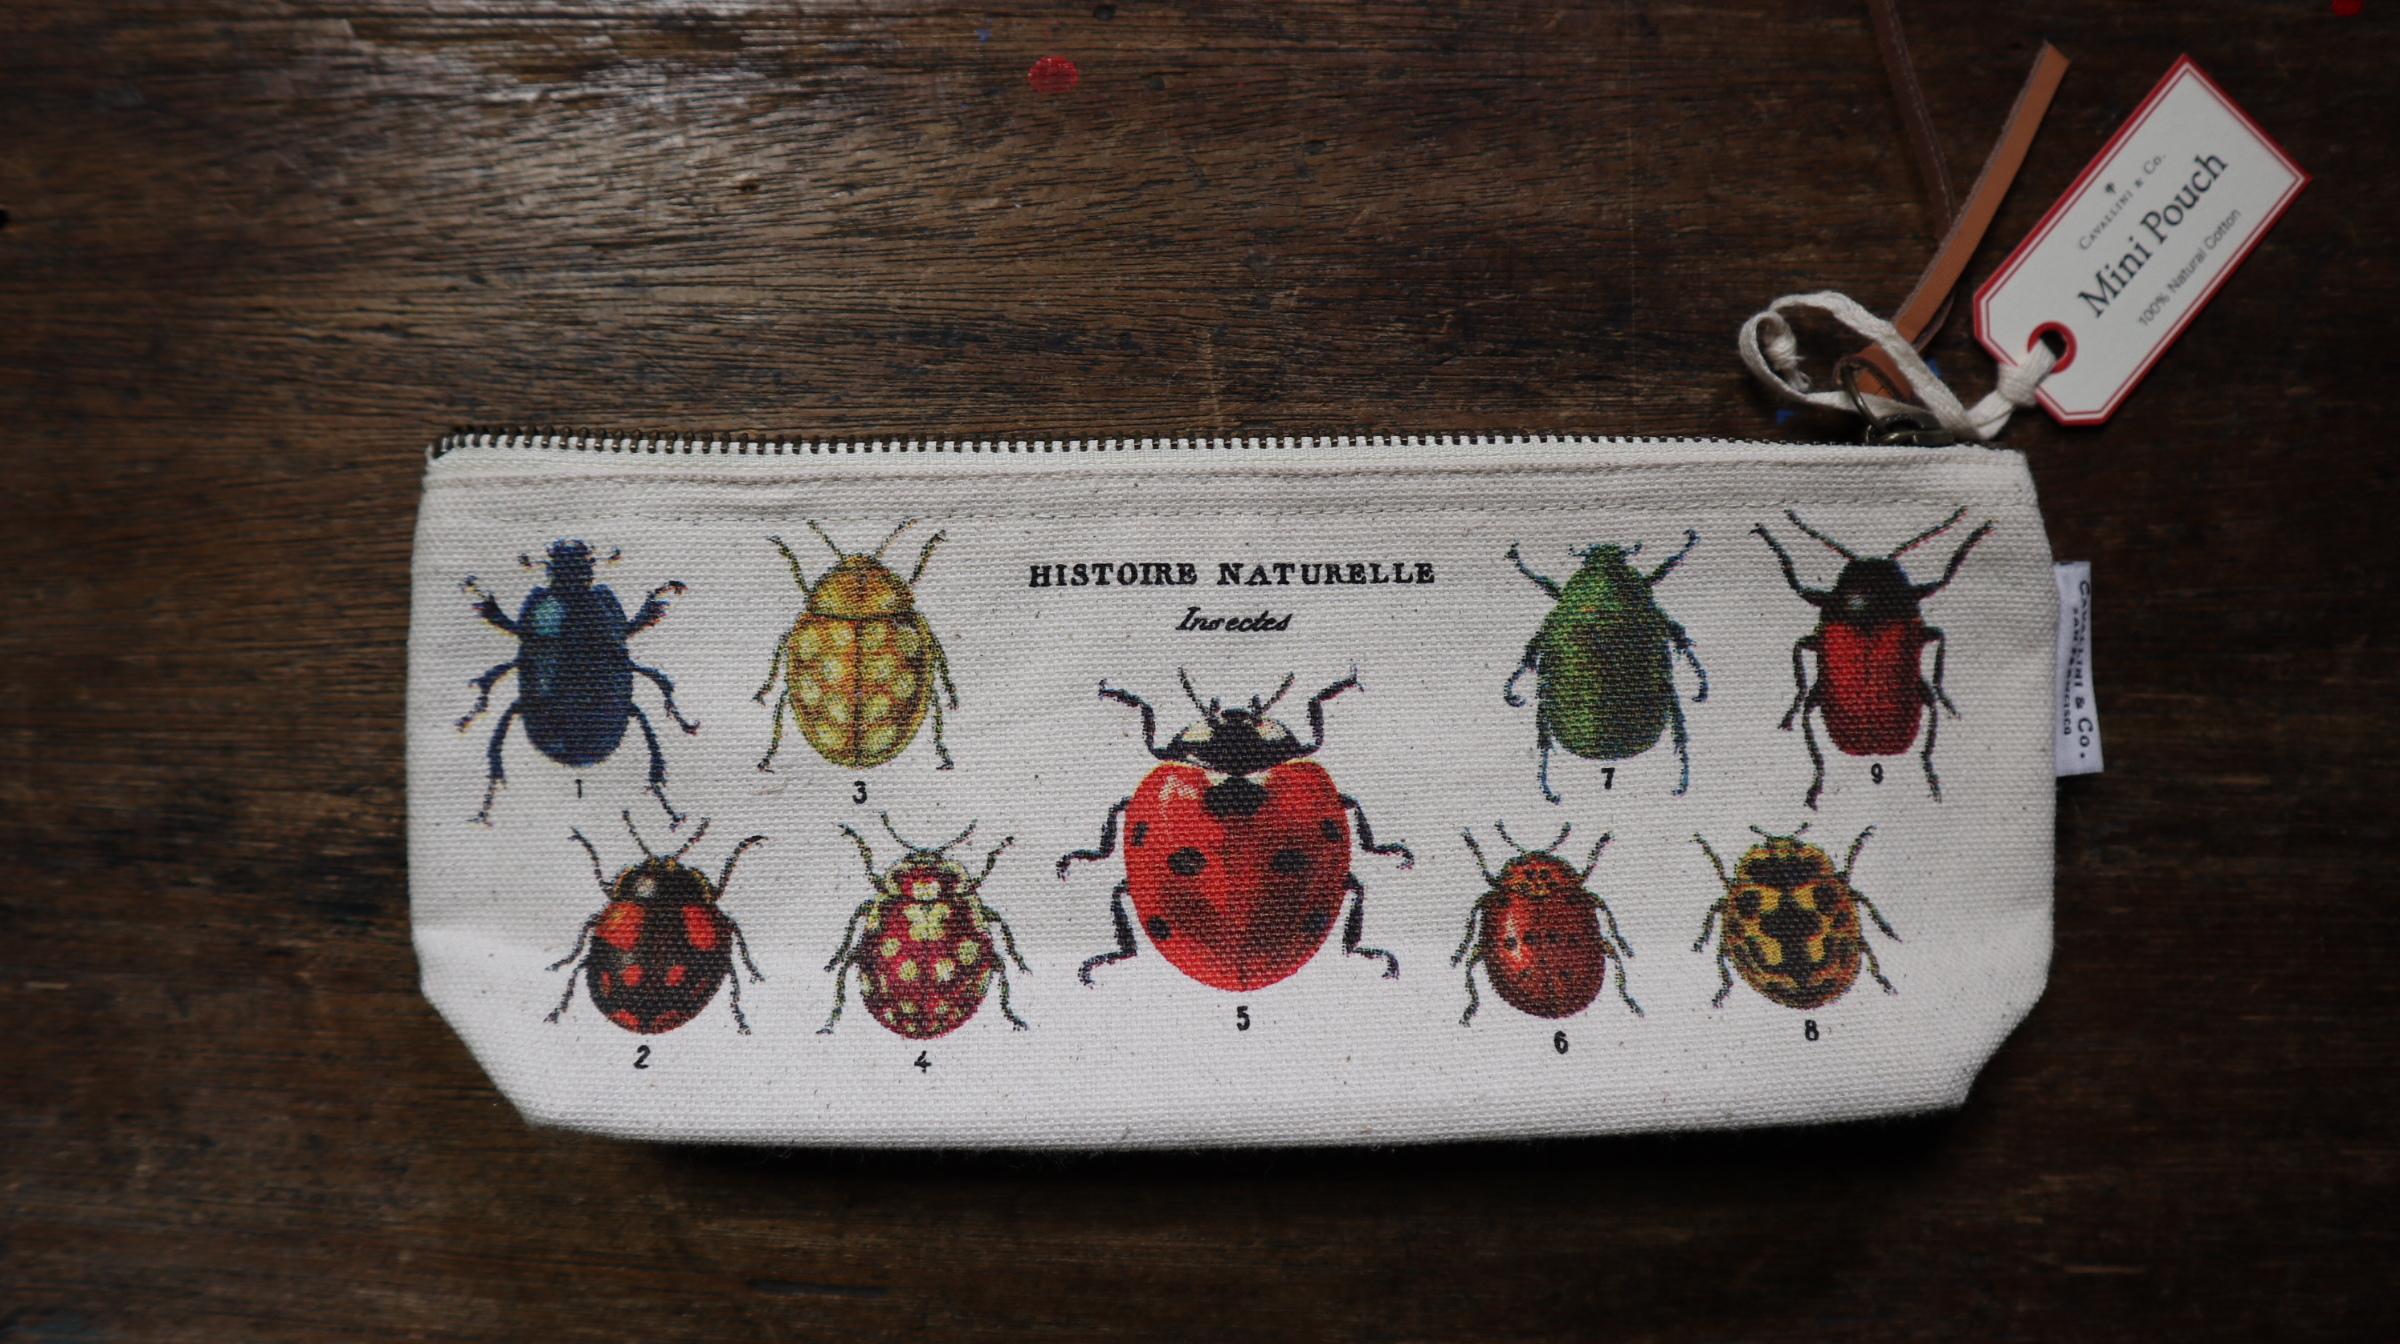 カバリーニ: スリムヴィンテージポーチ昆虫